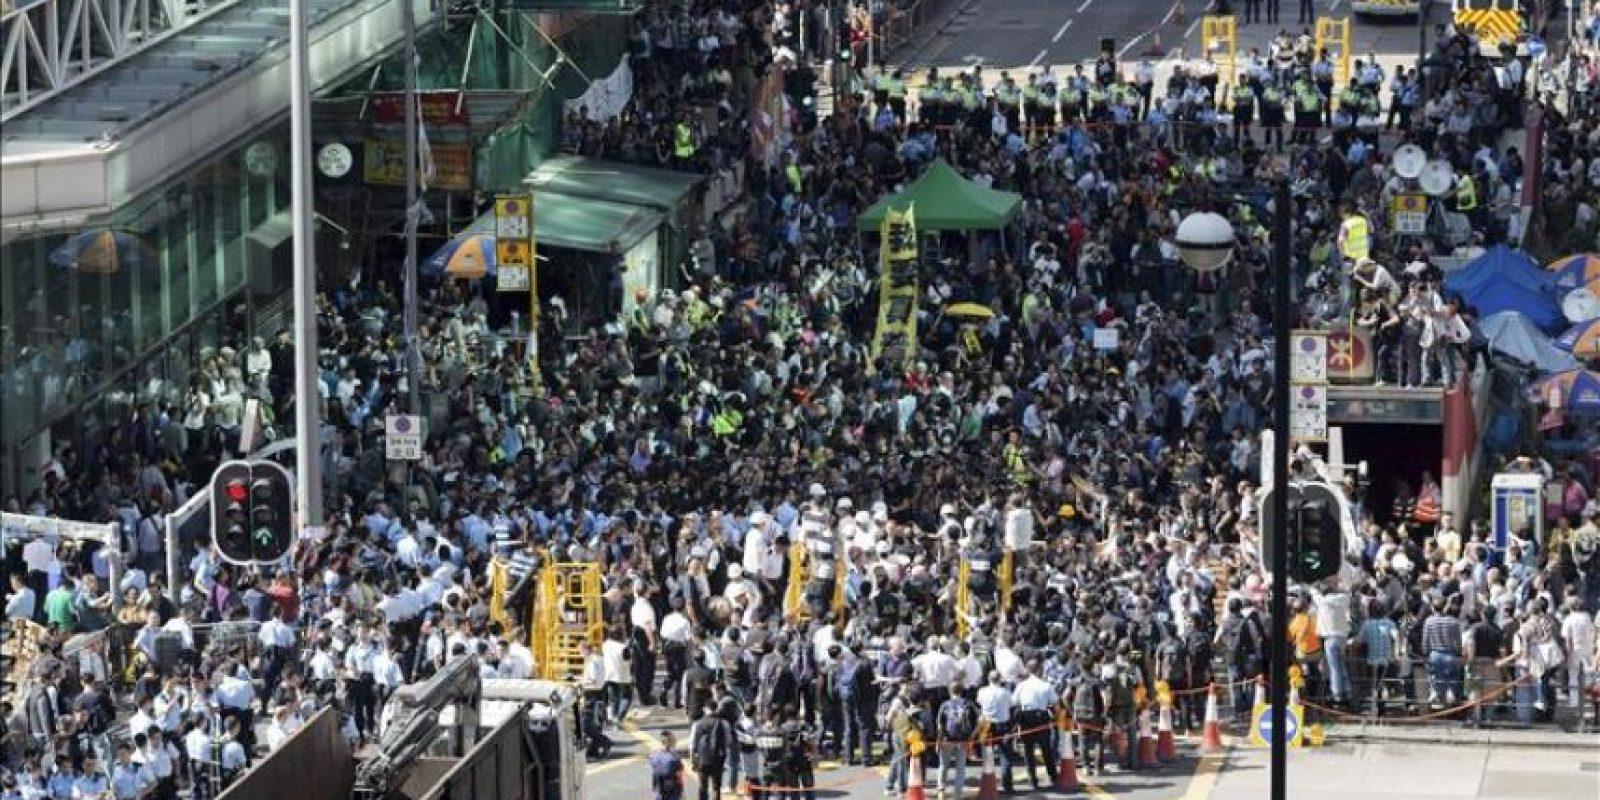 Trabajadores retiran barricadas ante la multitud en el distrito de Mong Kok en Hong Kong (China). EFE